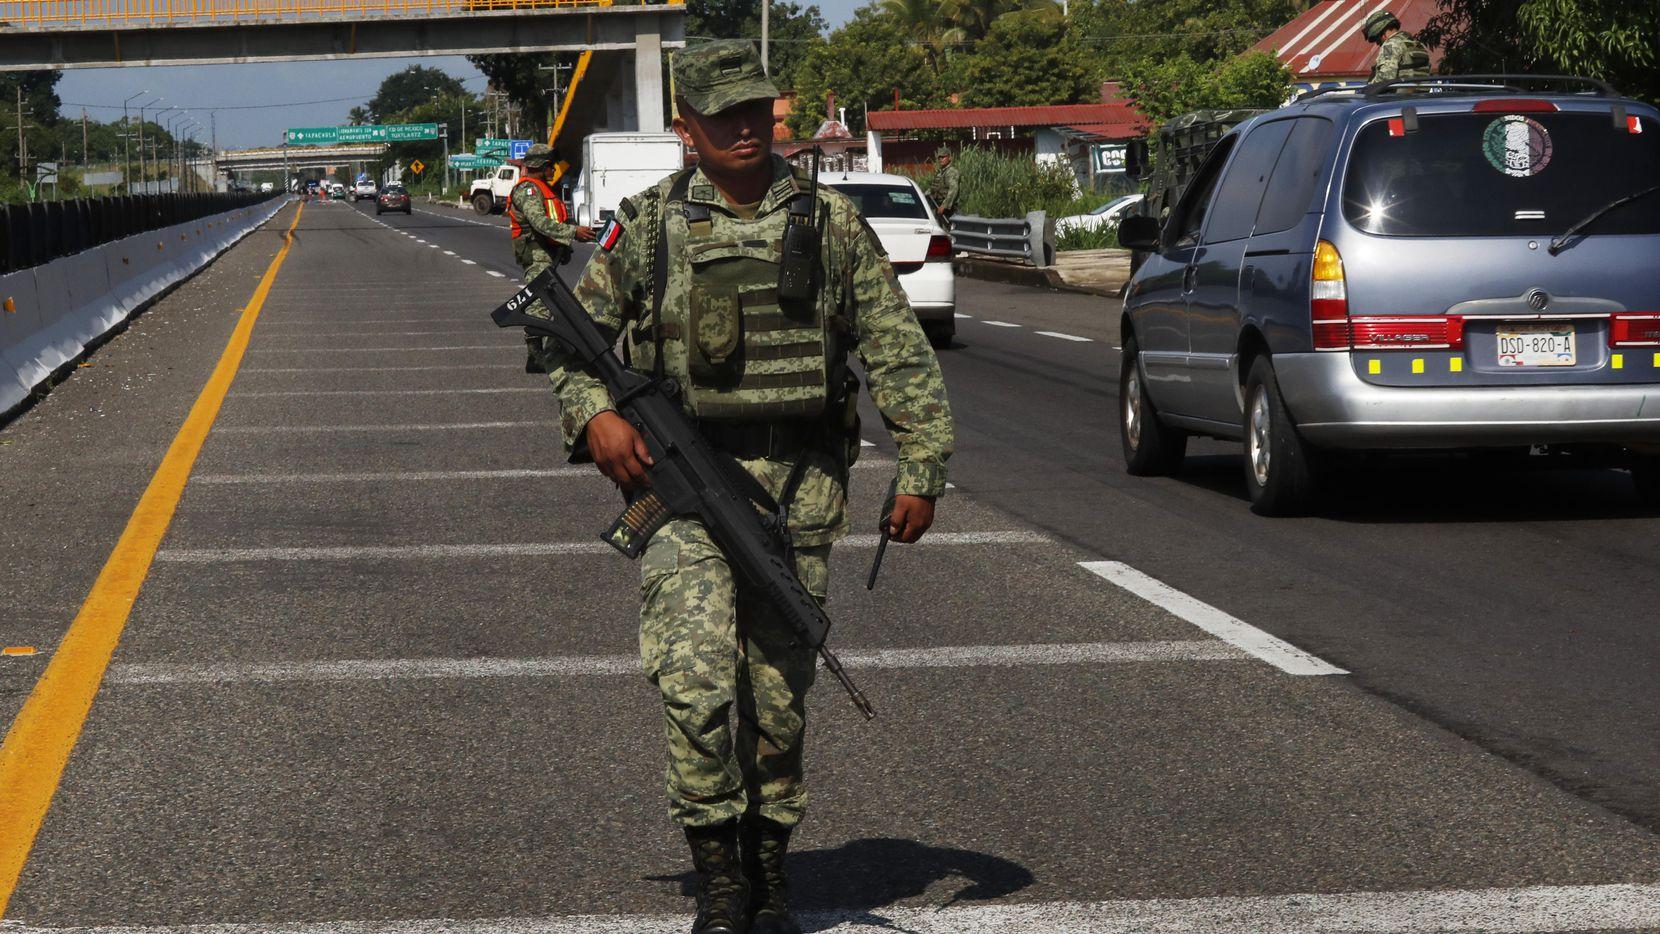 Un soldado mexicano patrulla un sector de la carretera cerca de Tapachula, Chiapas, en donde se instaló un reten migratorio. (AP/Marco Ugarte)